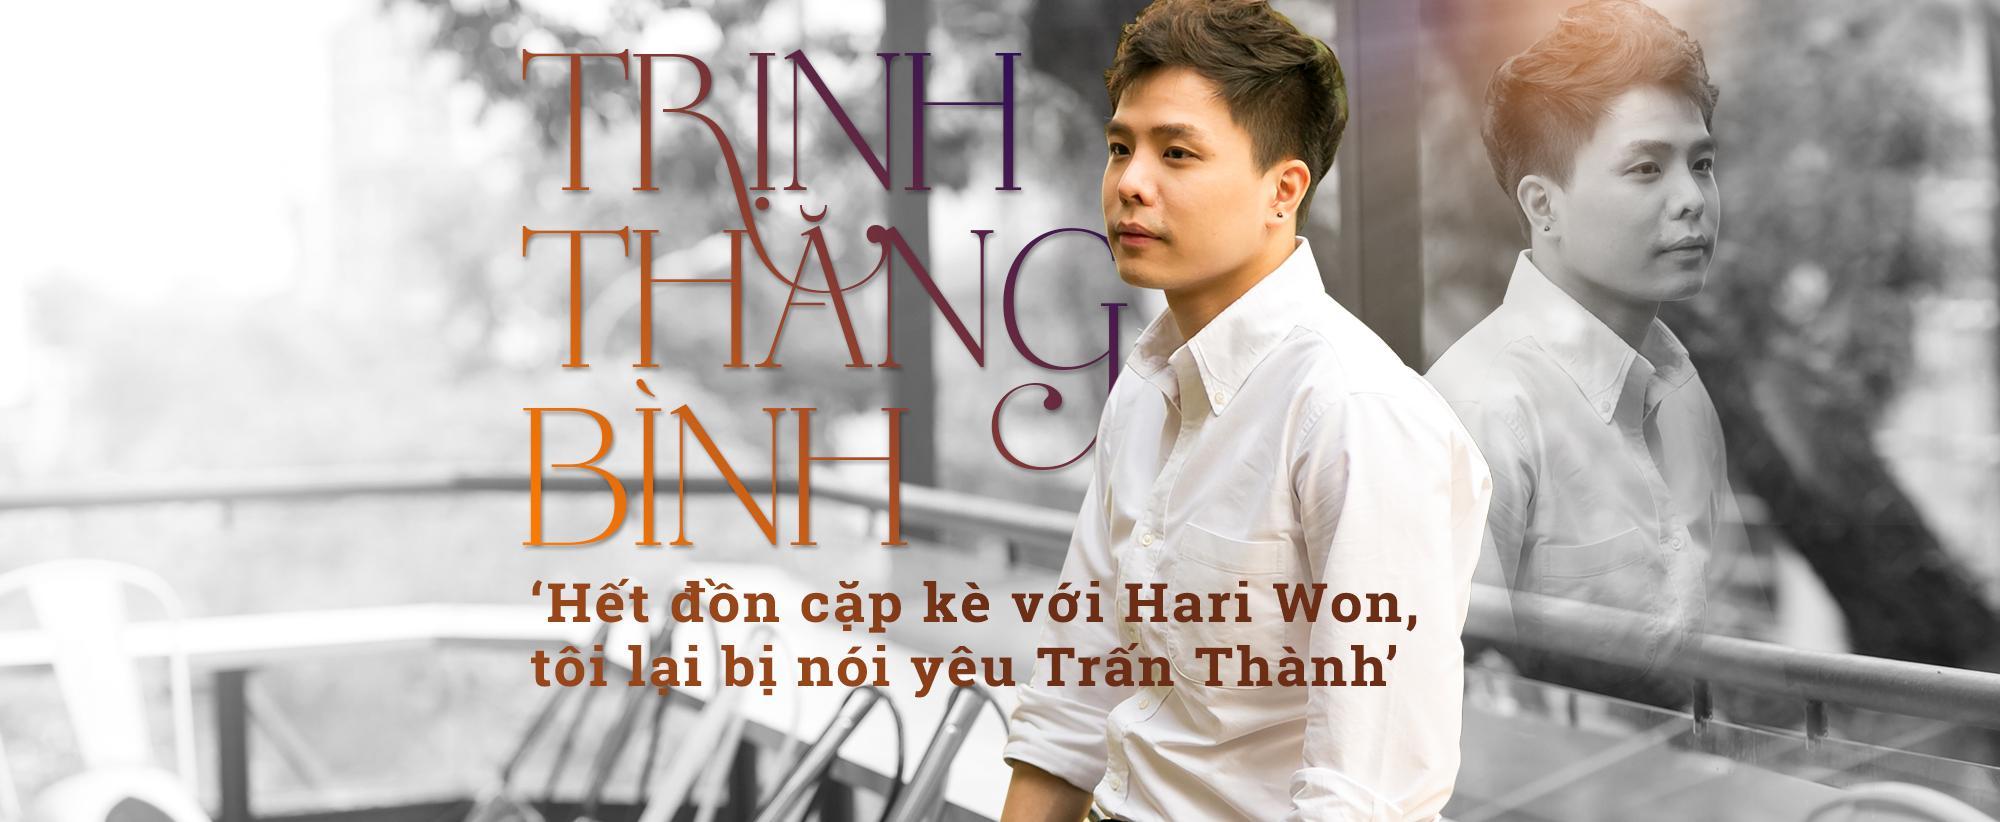 Trịnh Thăng Bình: 'Chưa hết tin đồn cặp kè Hari Won, tôi lại bị nói yêu Trấn Thành'